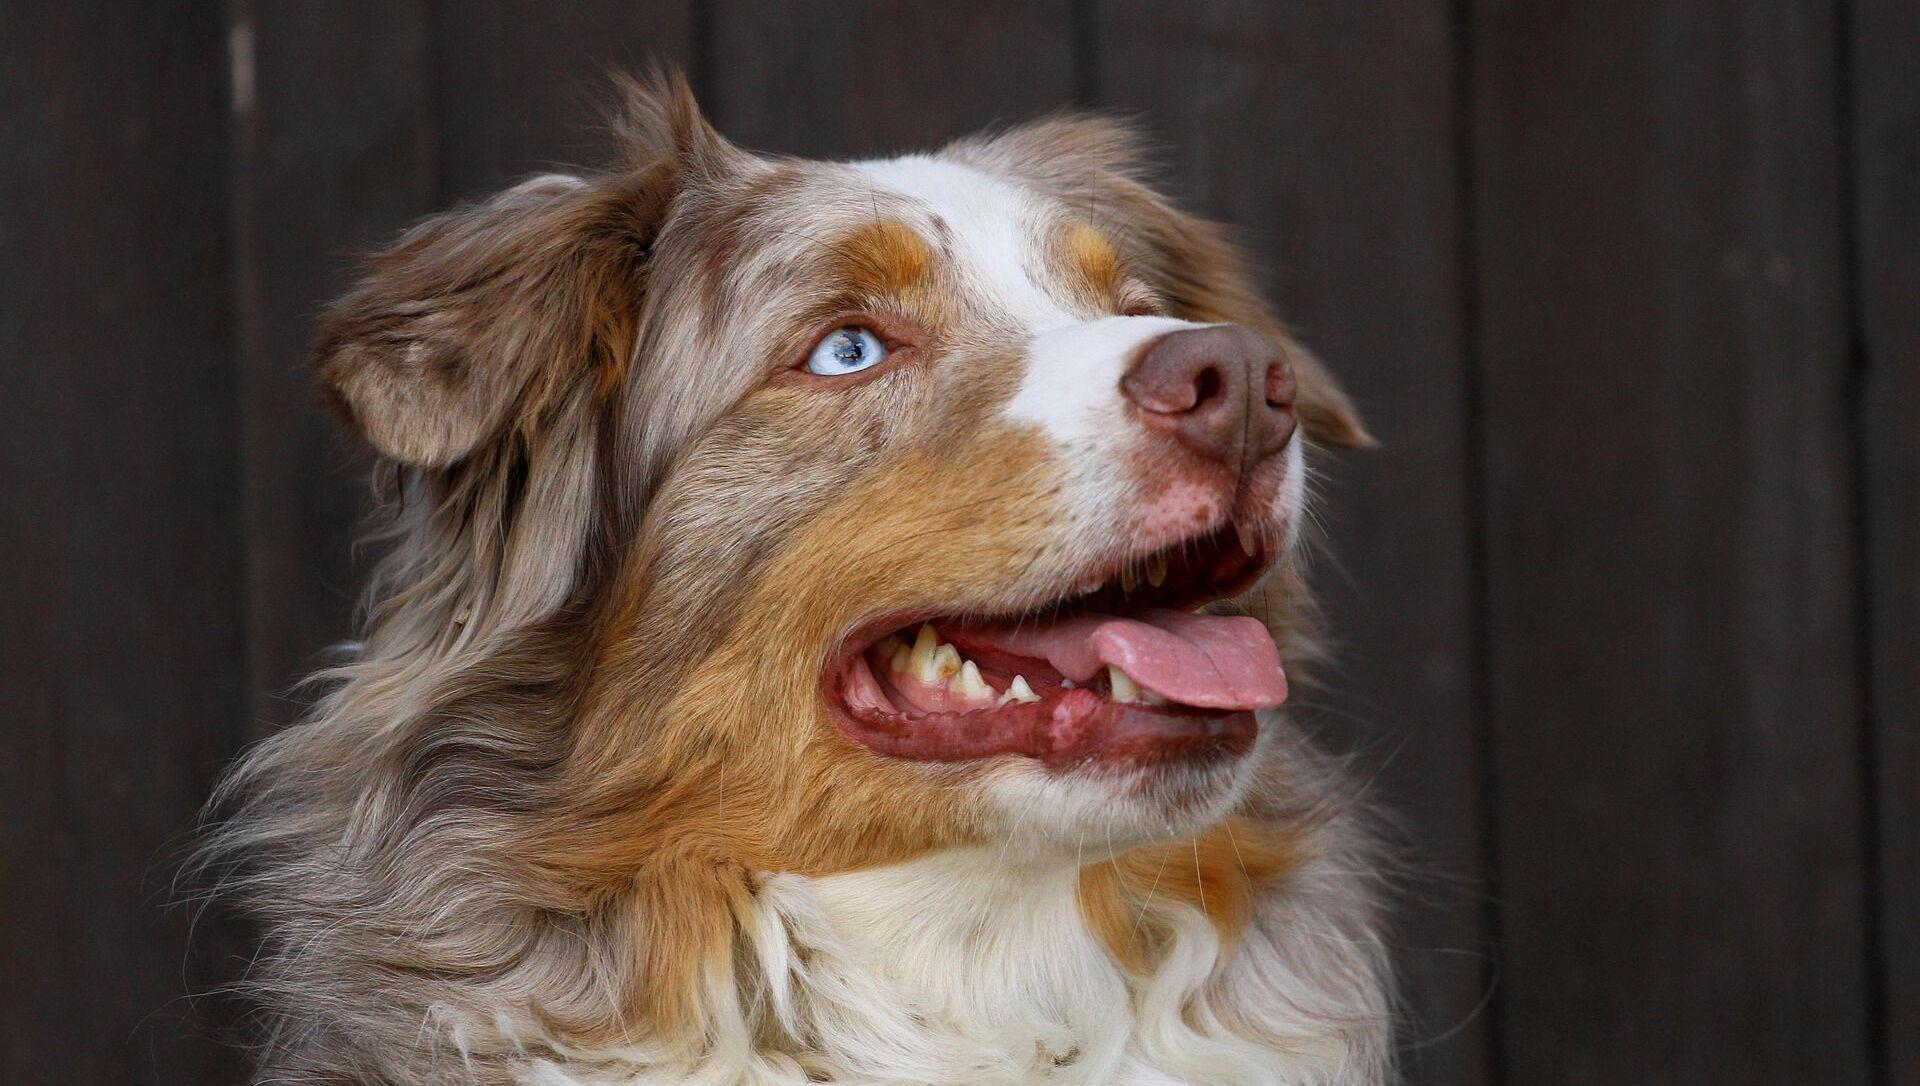 犬 - Sputnik 日本, 1920, 17.09.2021